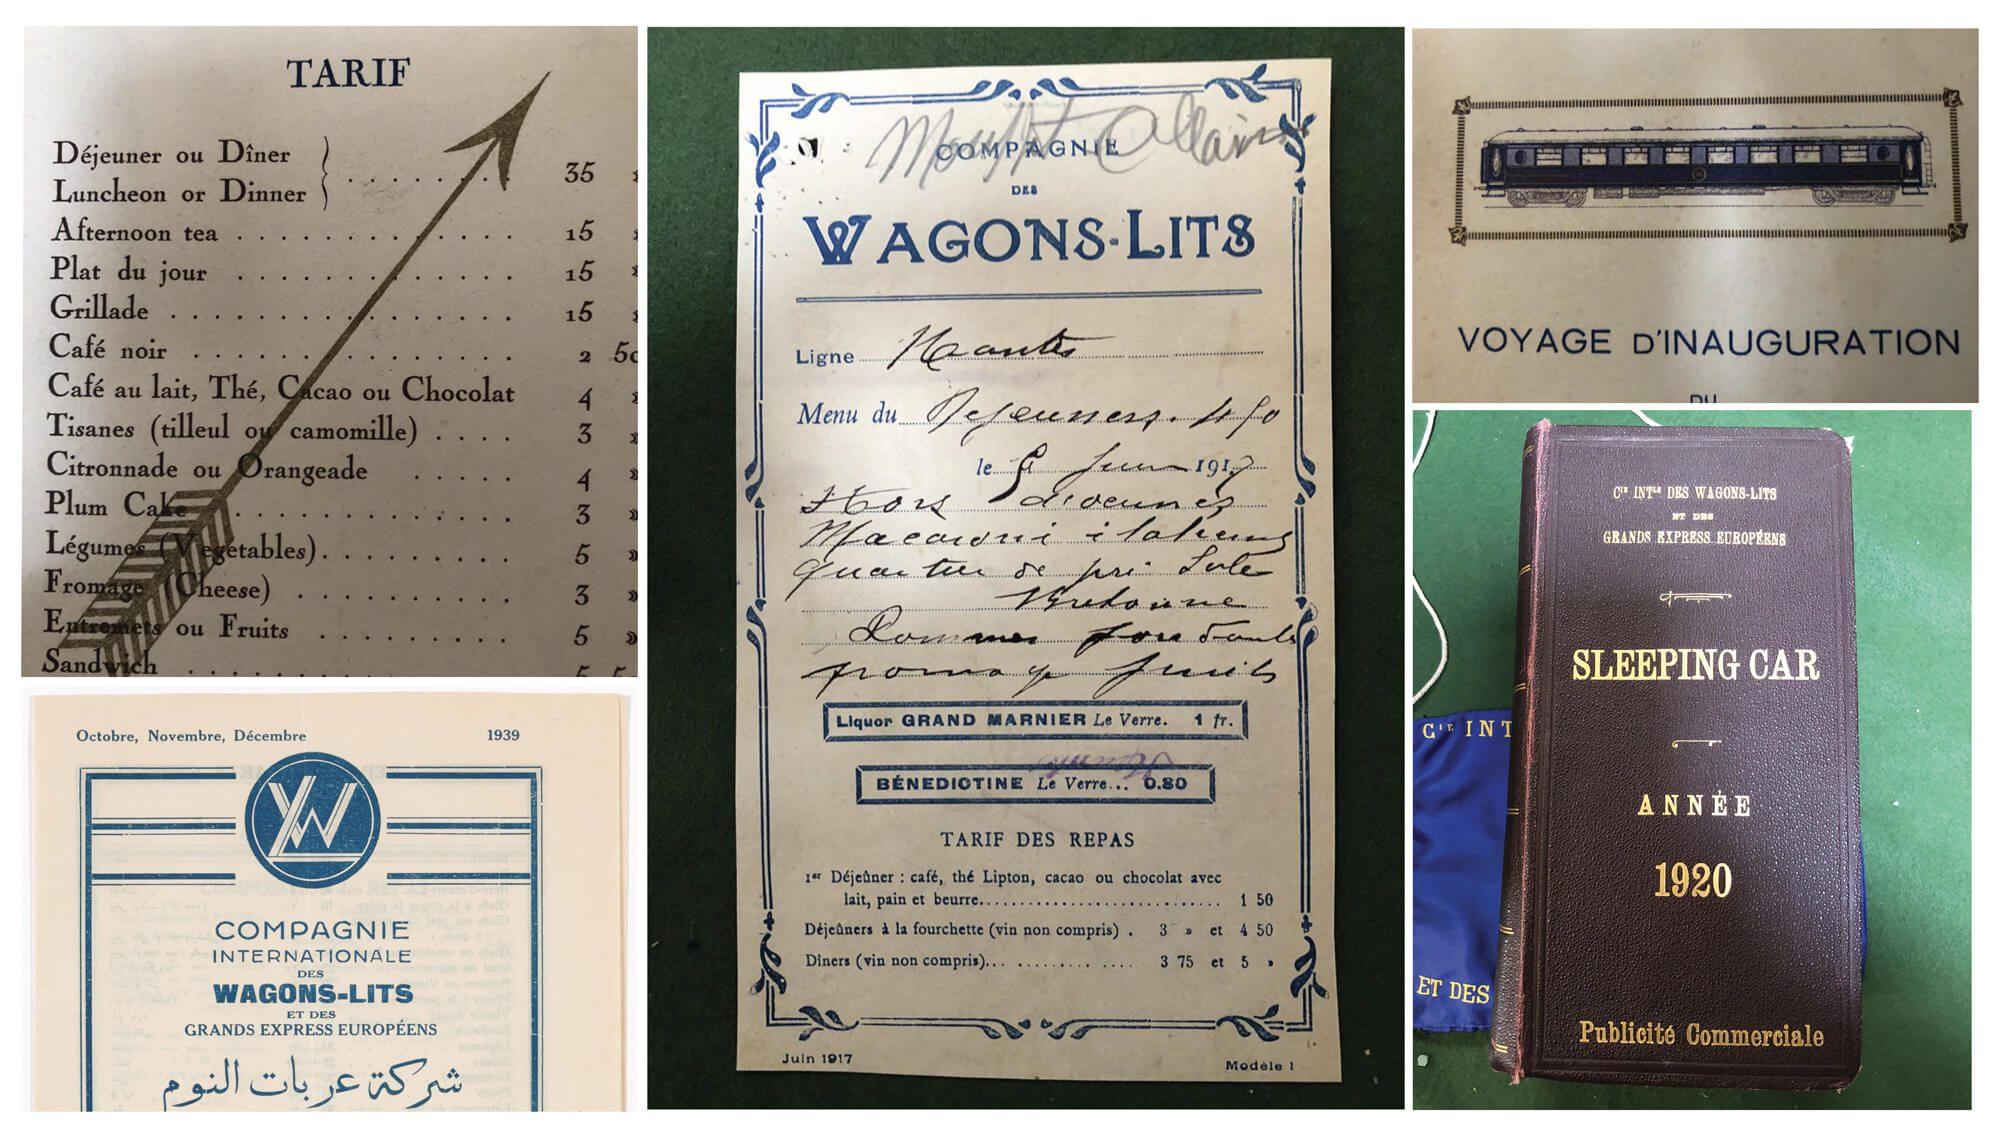 photos des archives (menus, illustrations, brochures d'époques) récoltées par ichetkar pour le projet d'identité de l'orient express